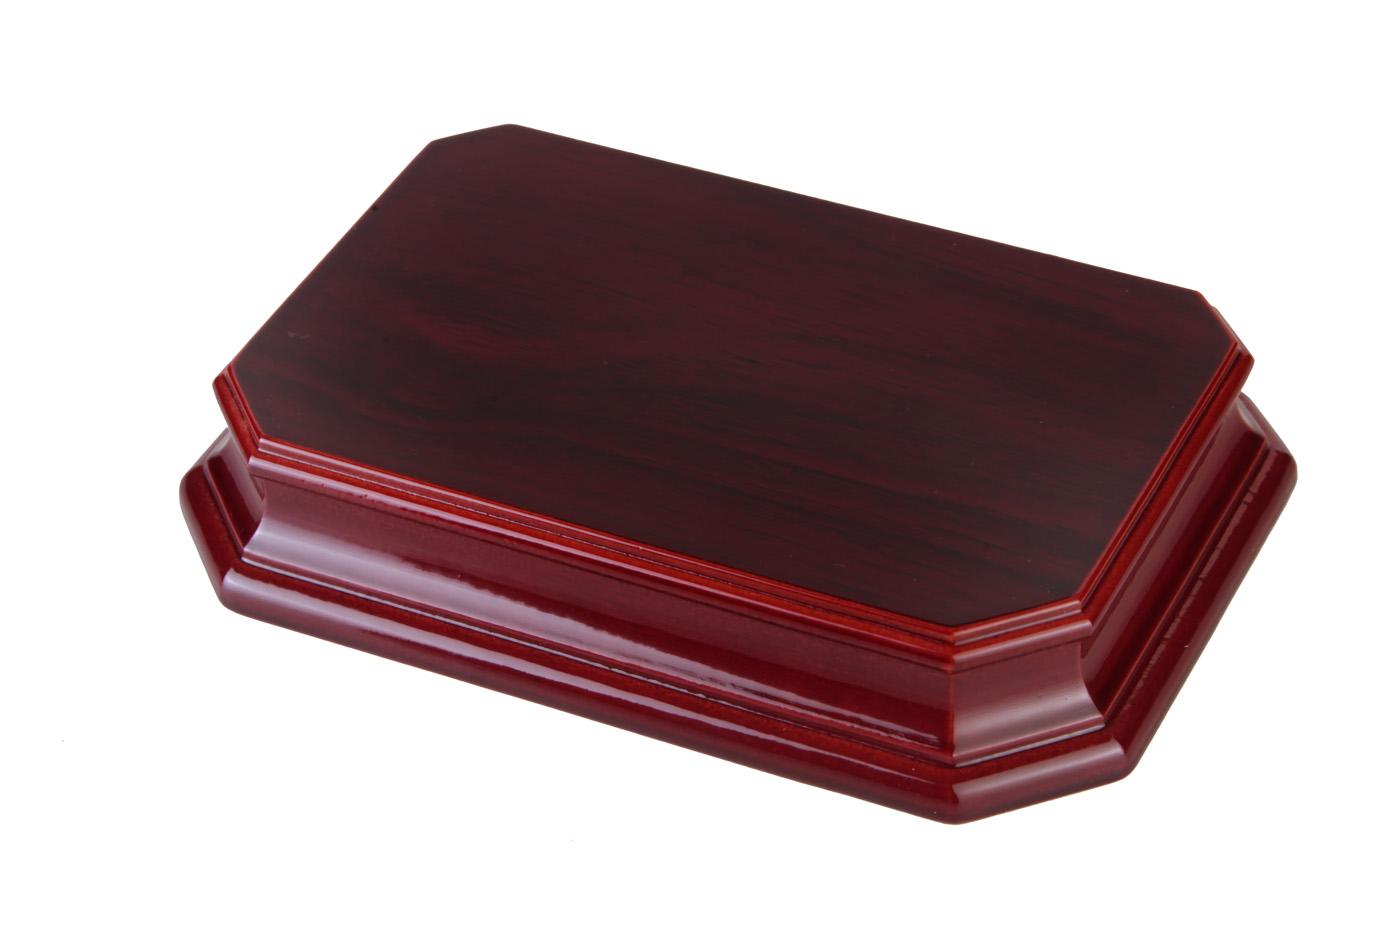 Peana octogonal rectangular etimoe caoba